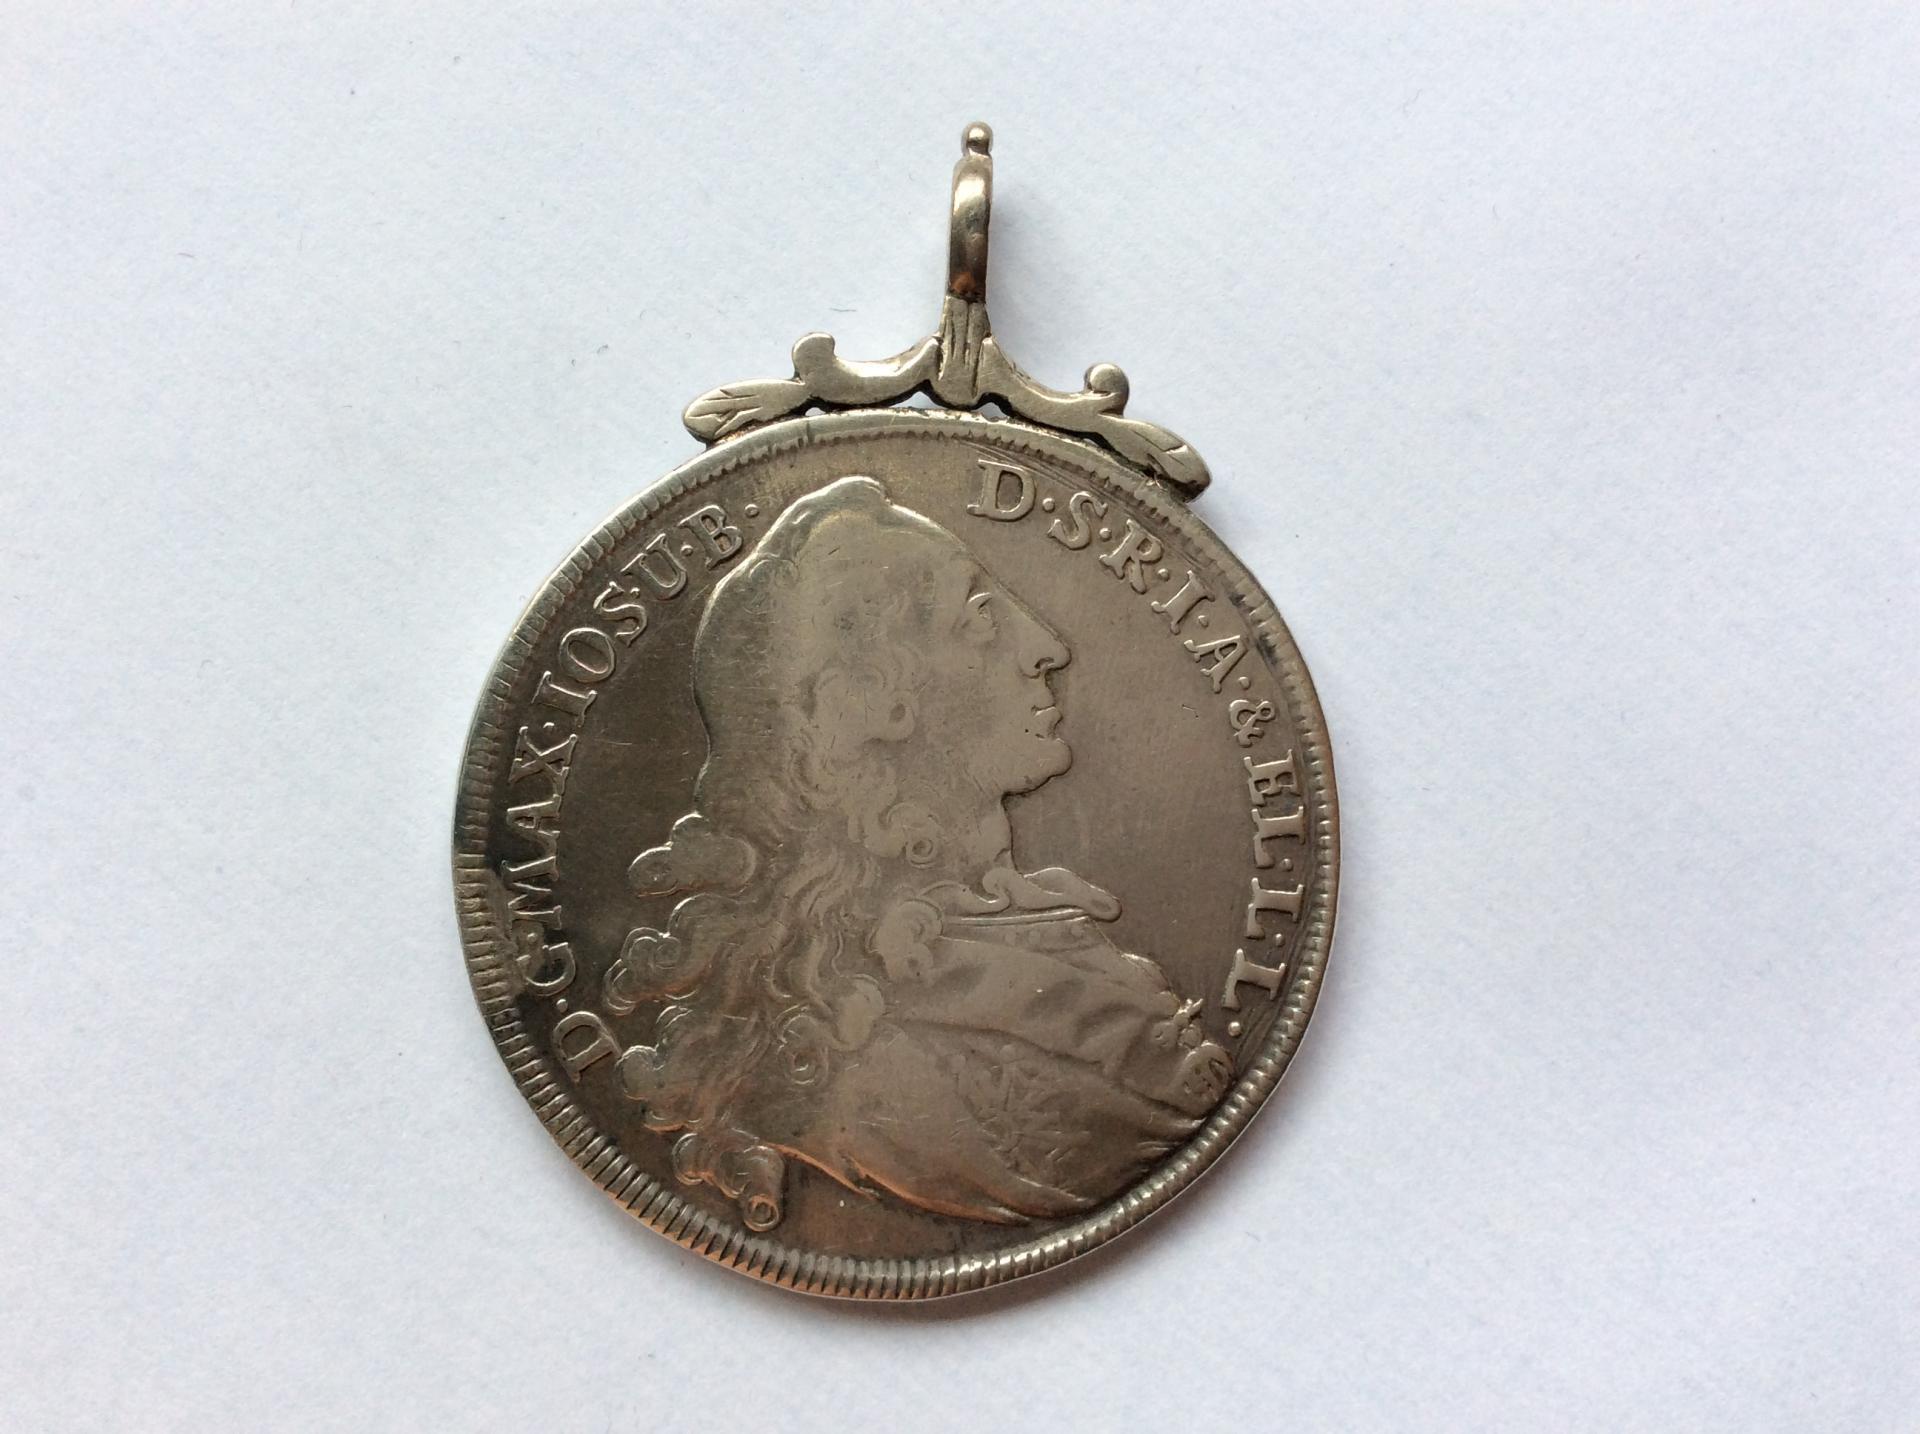 ESCASO 1 THALER 1770 - MAXIMILIANO III - PATRONA BAVARIA